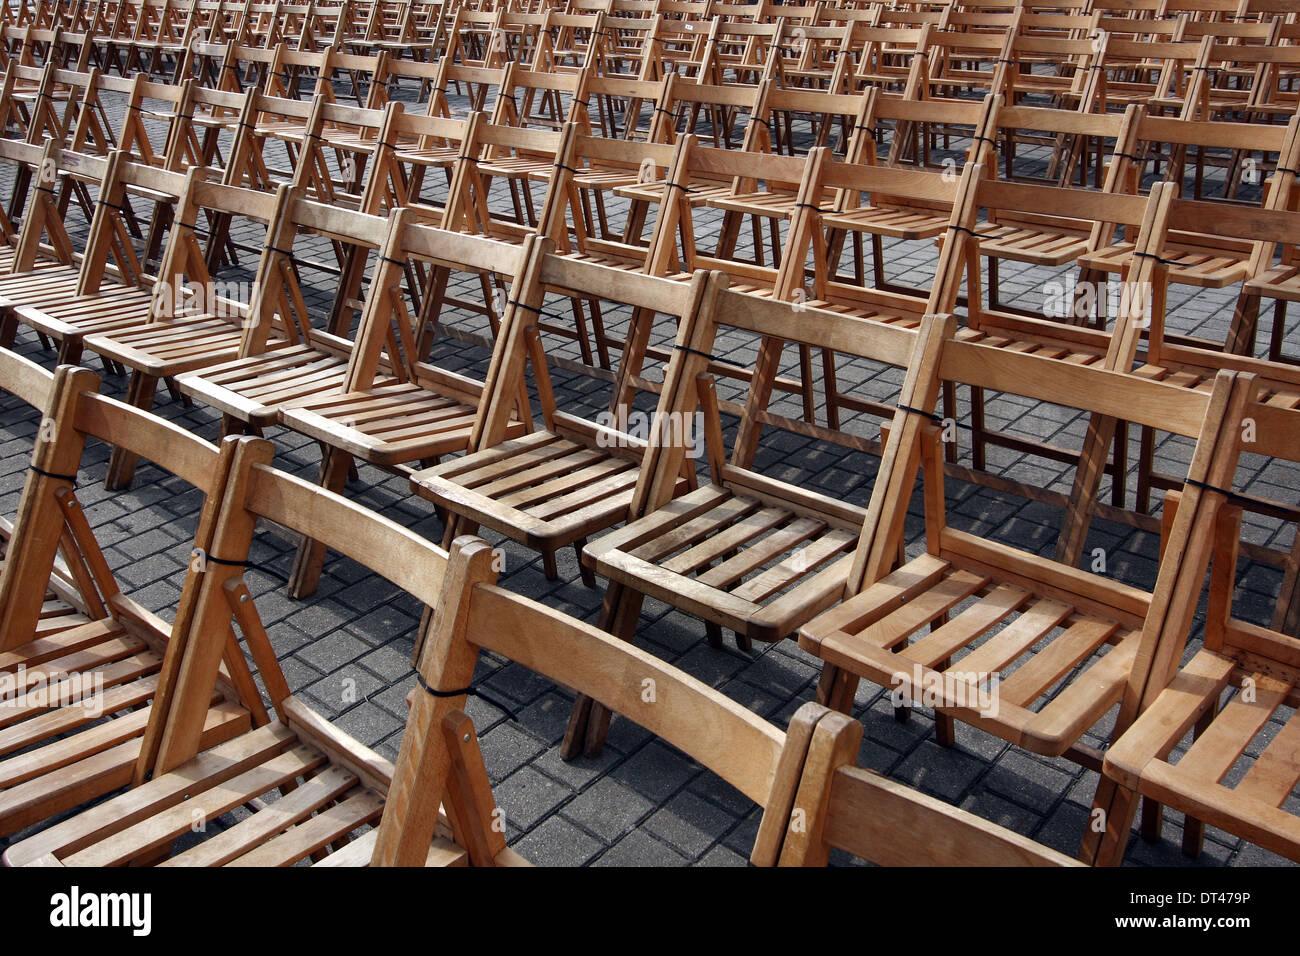 Chaises en bois prêt pour le public avant un spectacle Banque D'Images